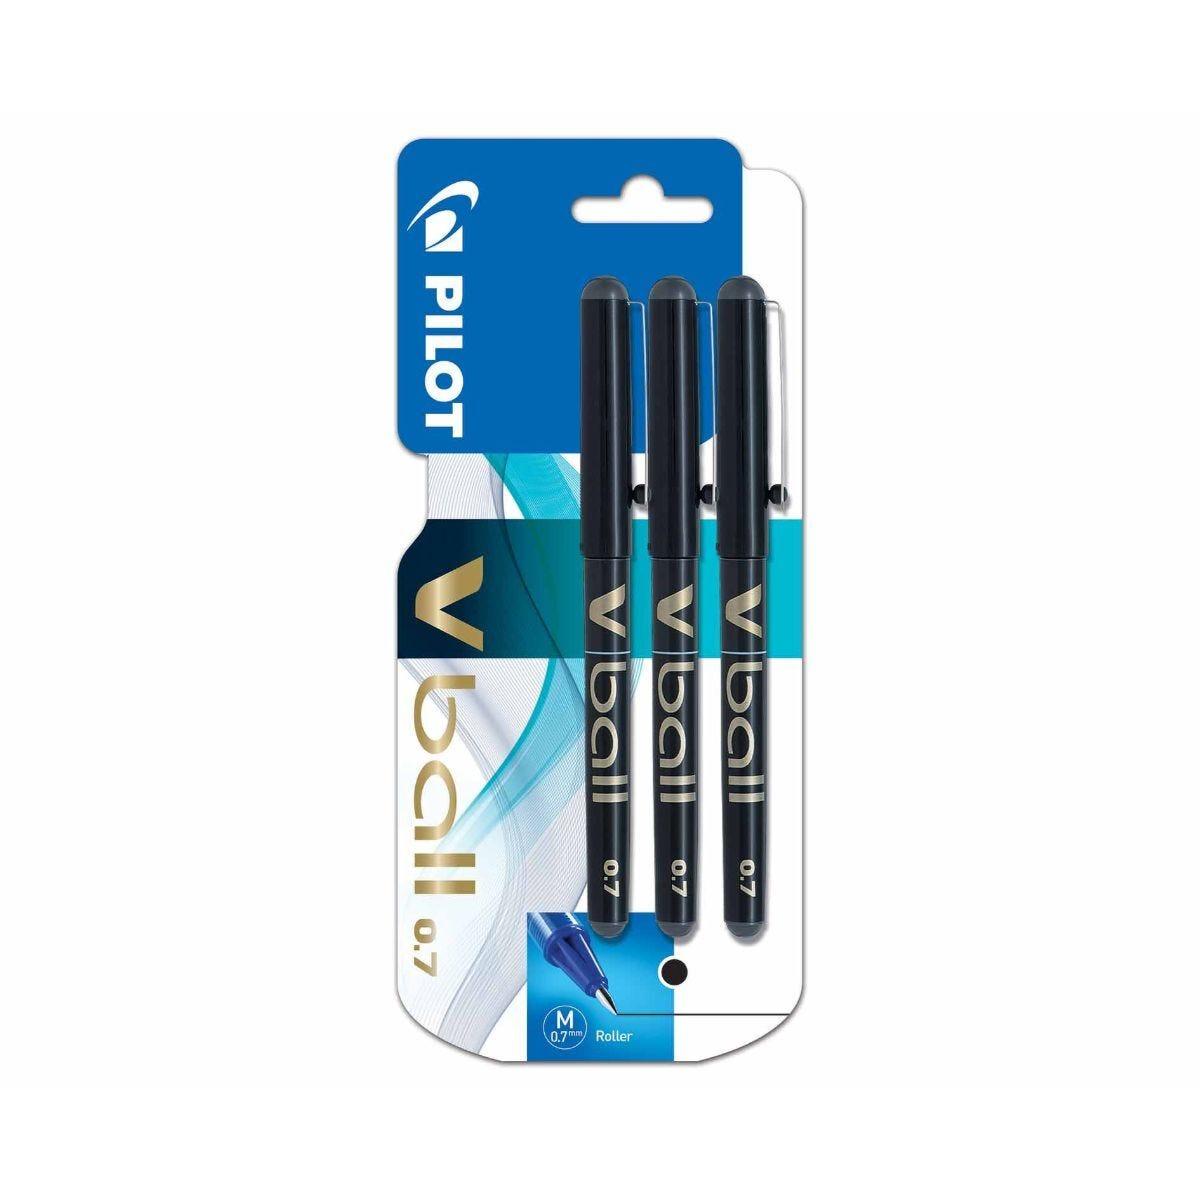 Pilot Vball 0.7 Rollerball Pens Pack of 3 Black